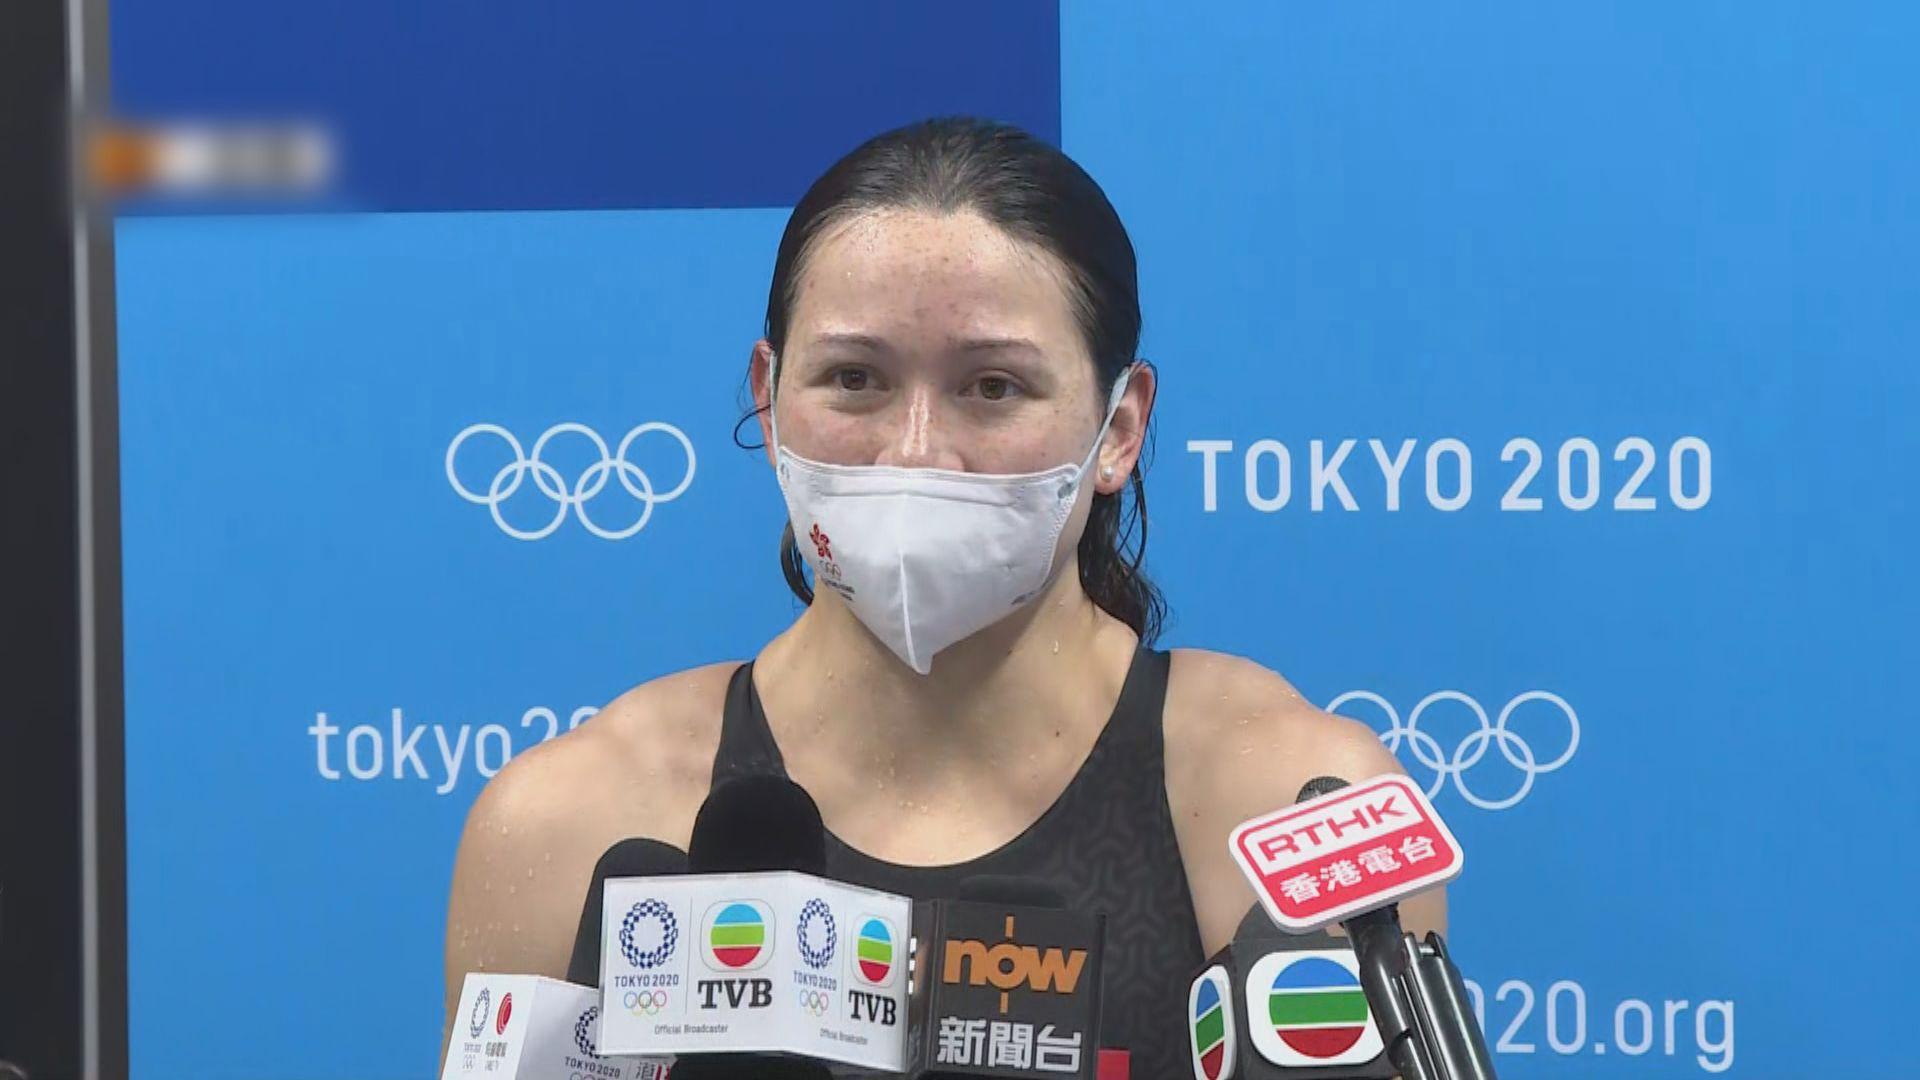 【決賽足本重溫】何詩蓓於女子200米自由泳奪銀牌